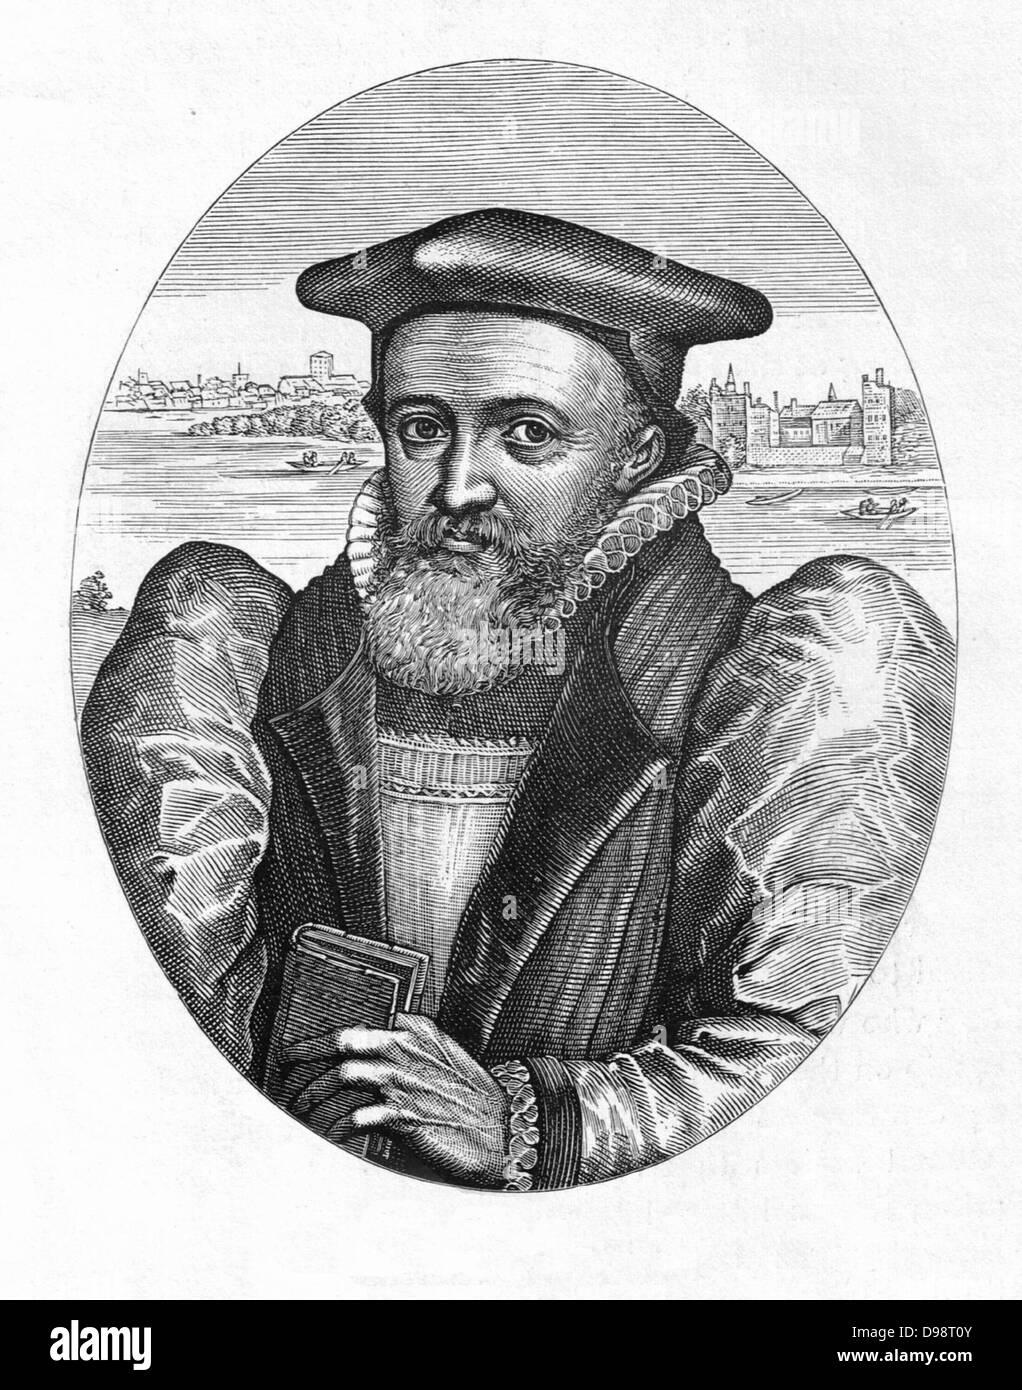 George abate (Ottobre 19, 1562 - 5 agosto 1633) era un inglese divina e l Arcivescovo di Canterbury. Egli ha anche Immagini Stock